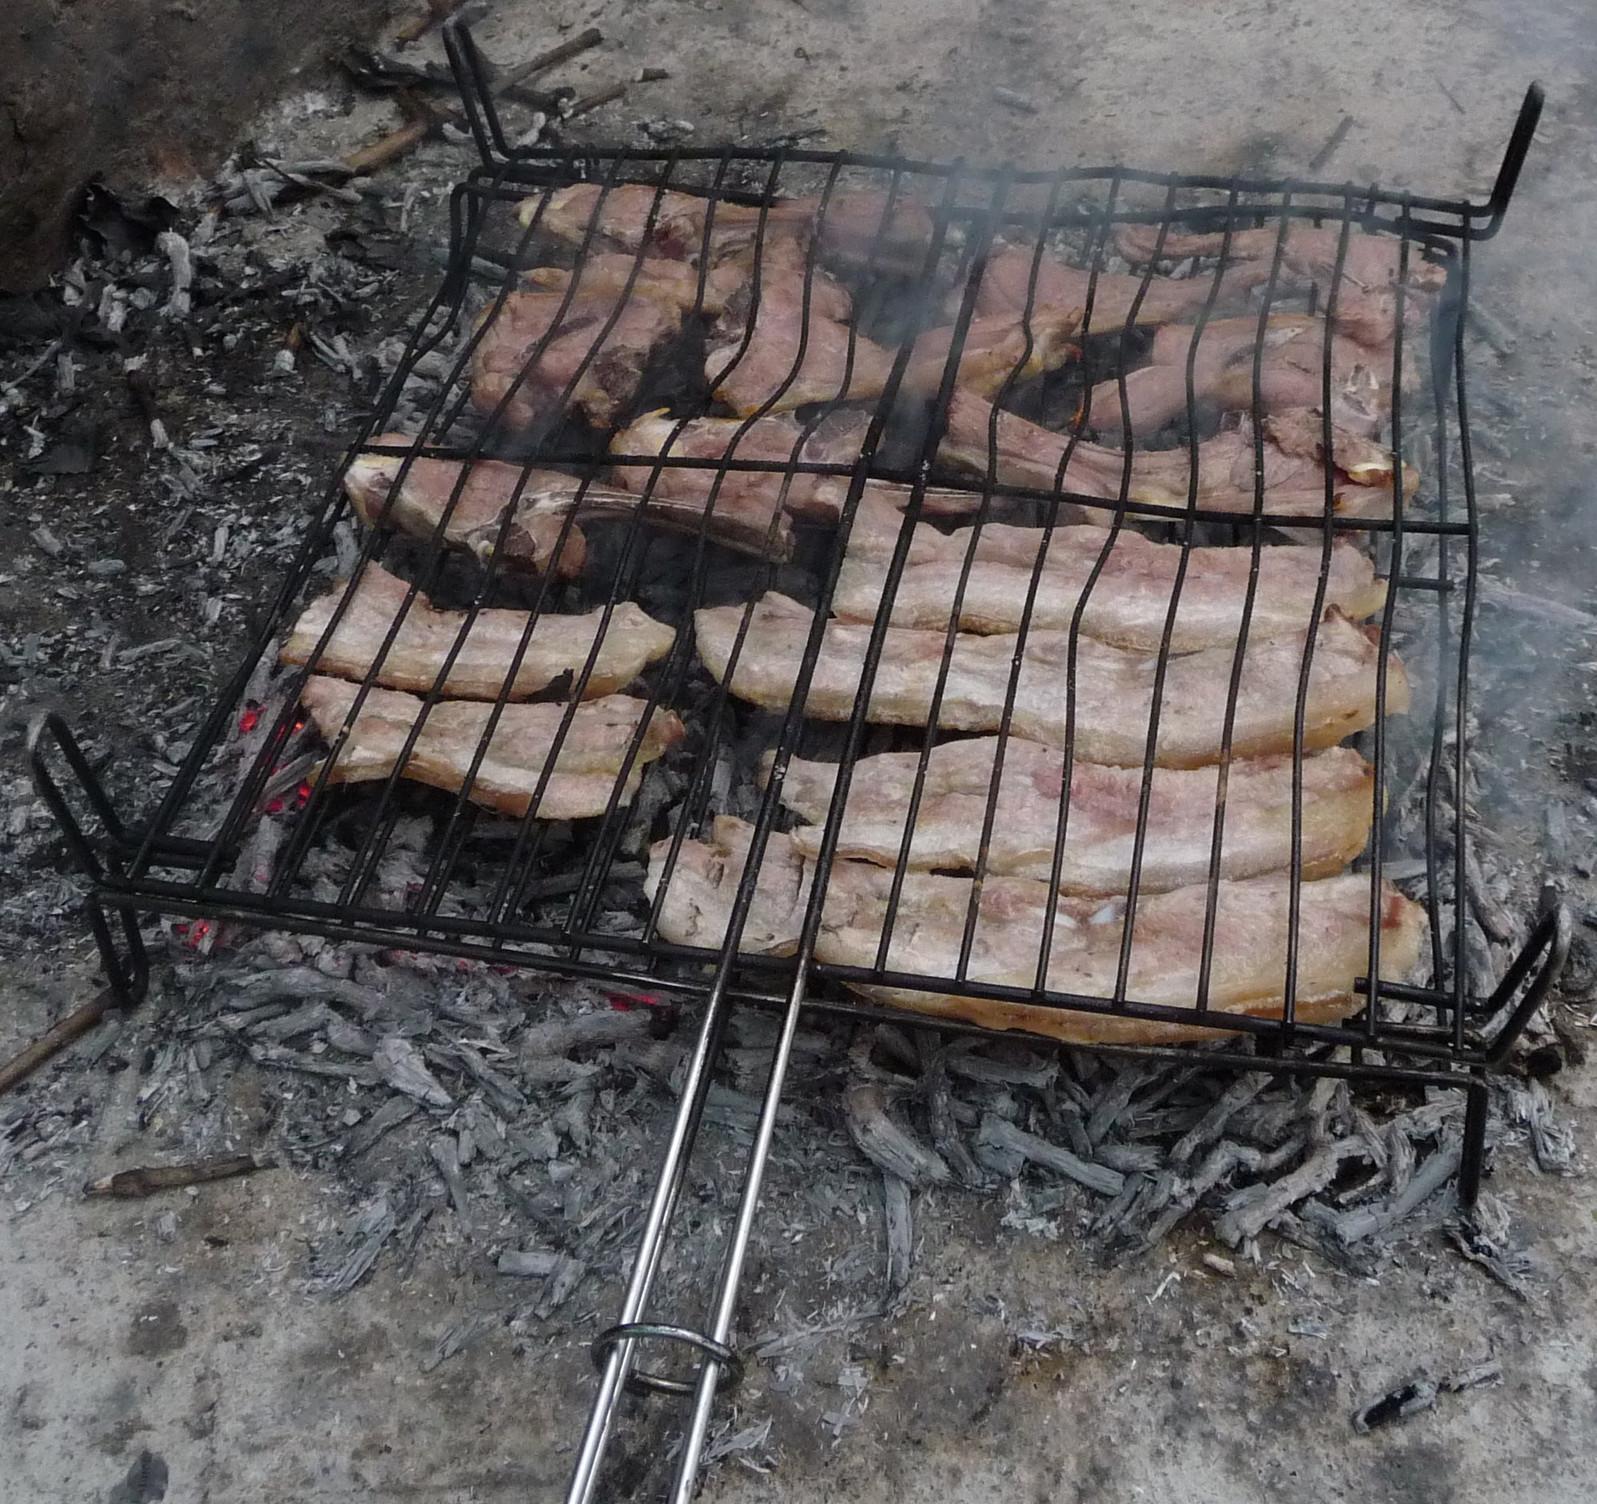 Depiction of Chuletillas al sarmiento